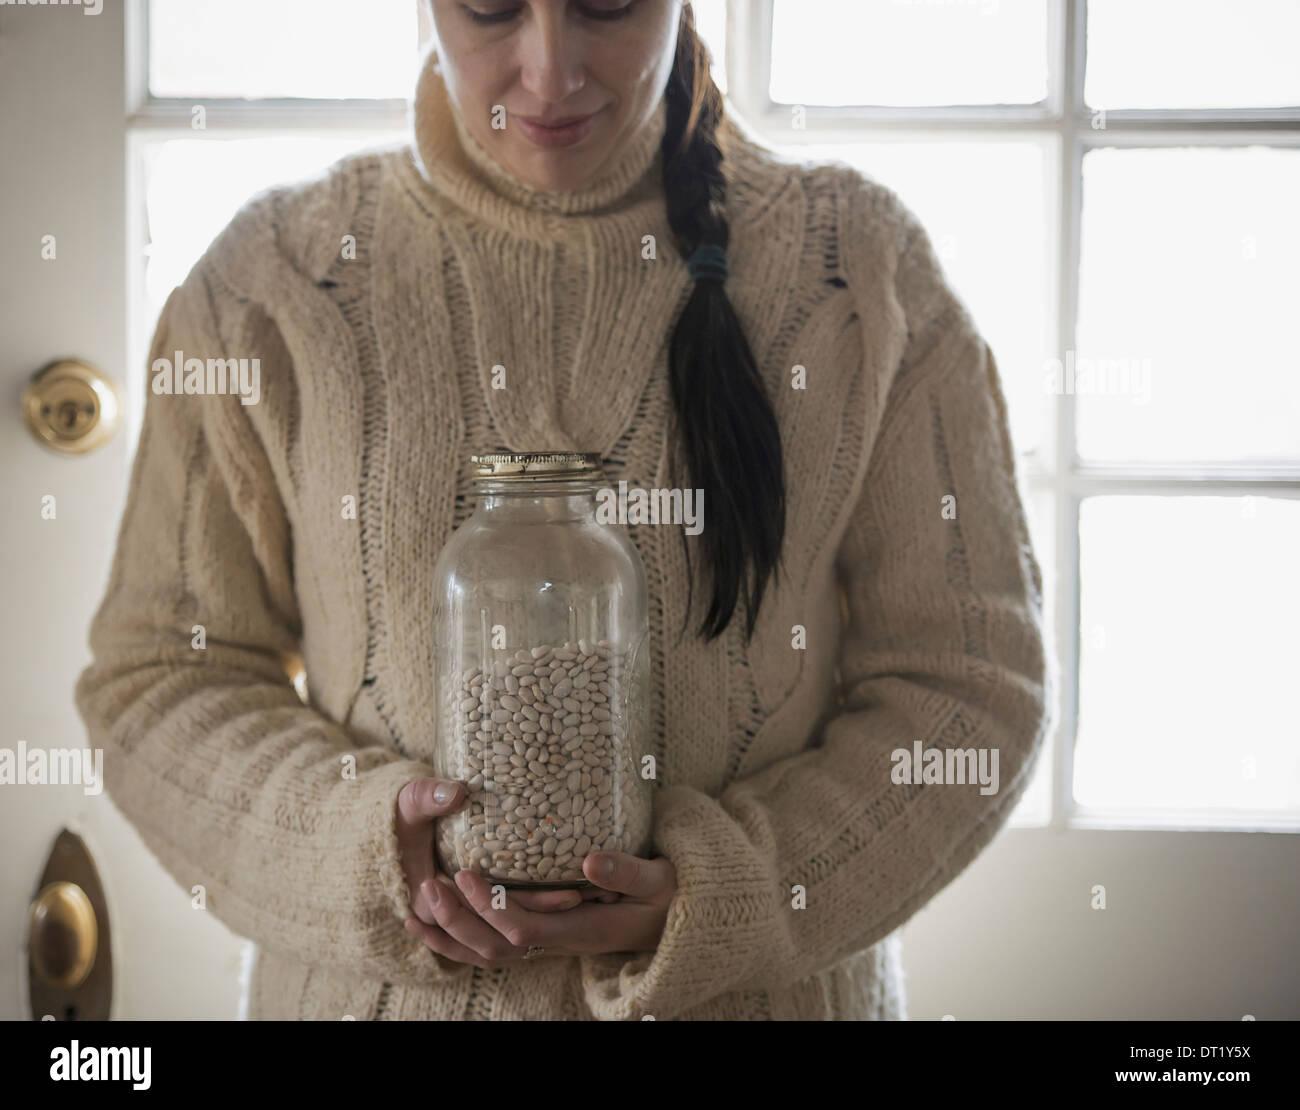 Une femme dans un chandail en tricot câble tenant un verre pot de haricots blancs Photo Stock